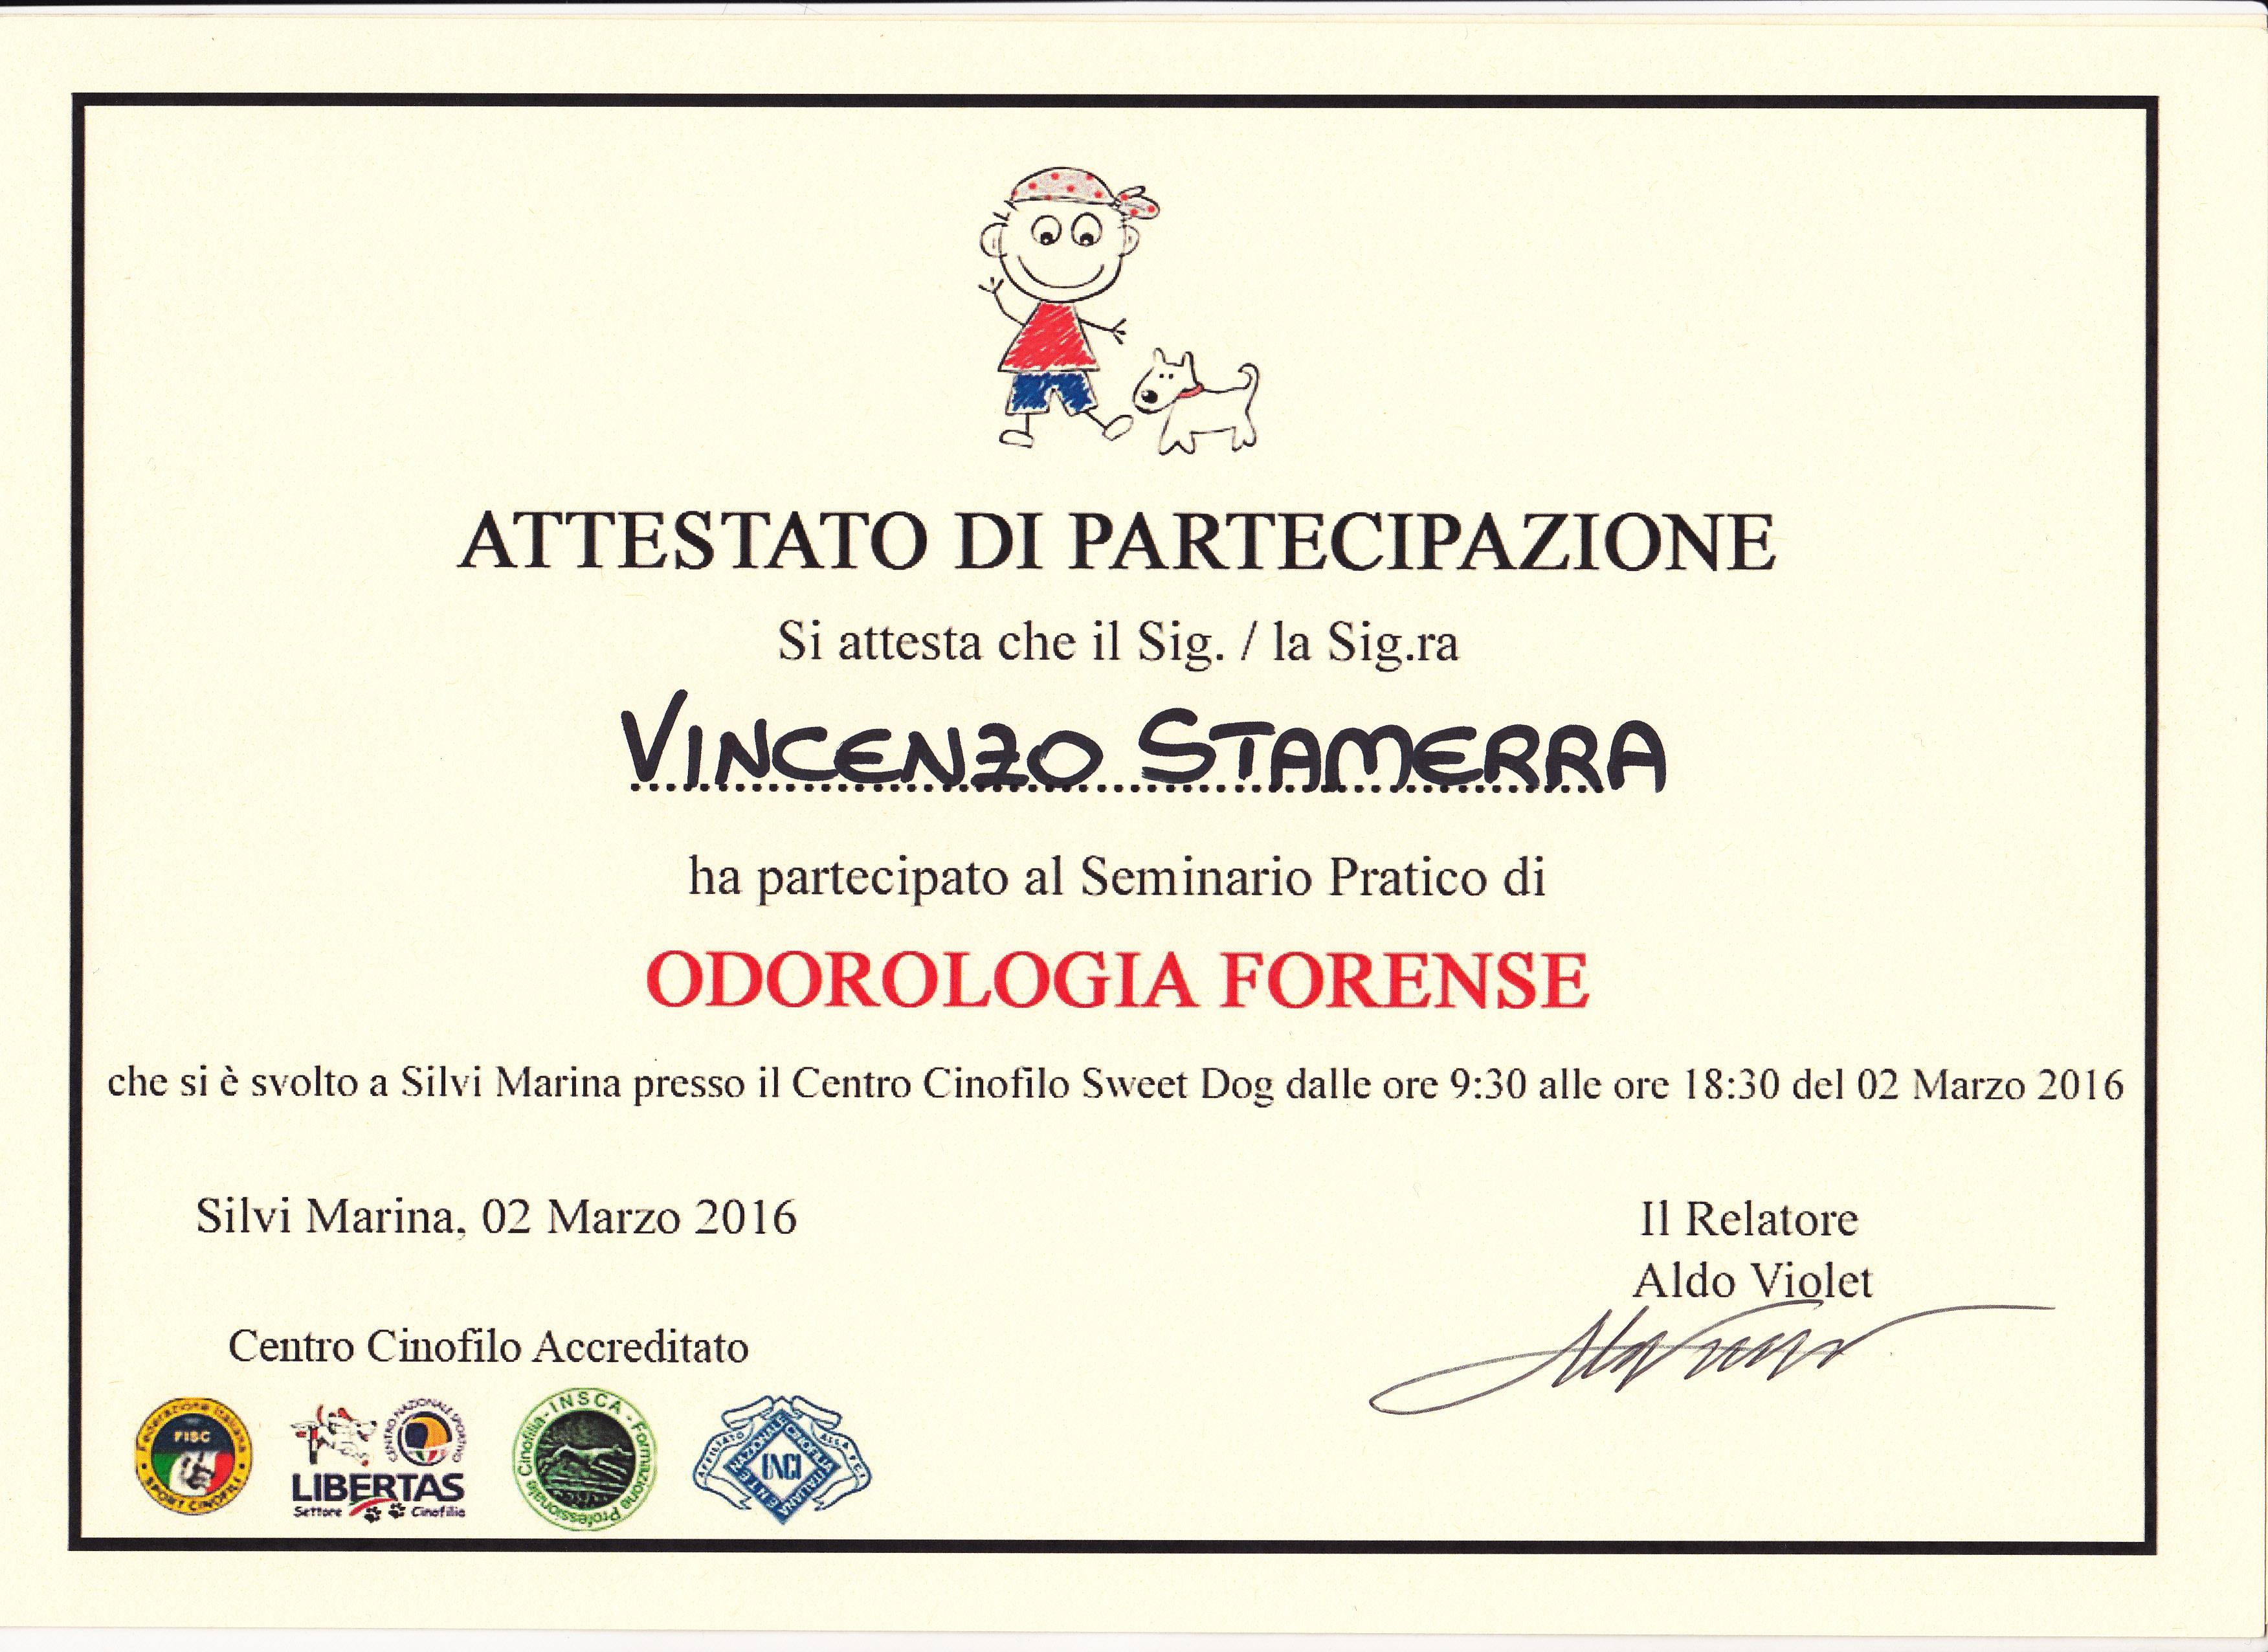 Attestati Di Partecipazione Stamerra Vincenzo